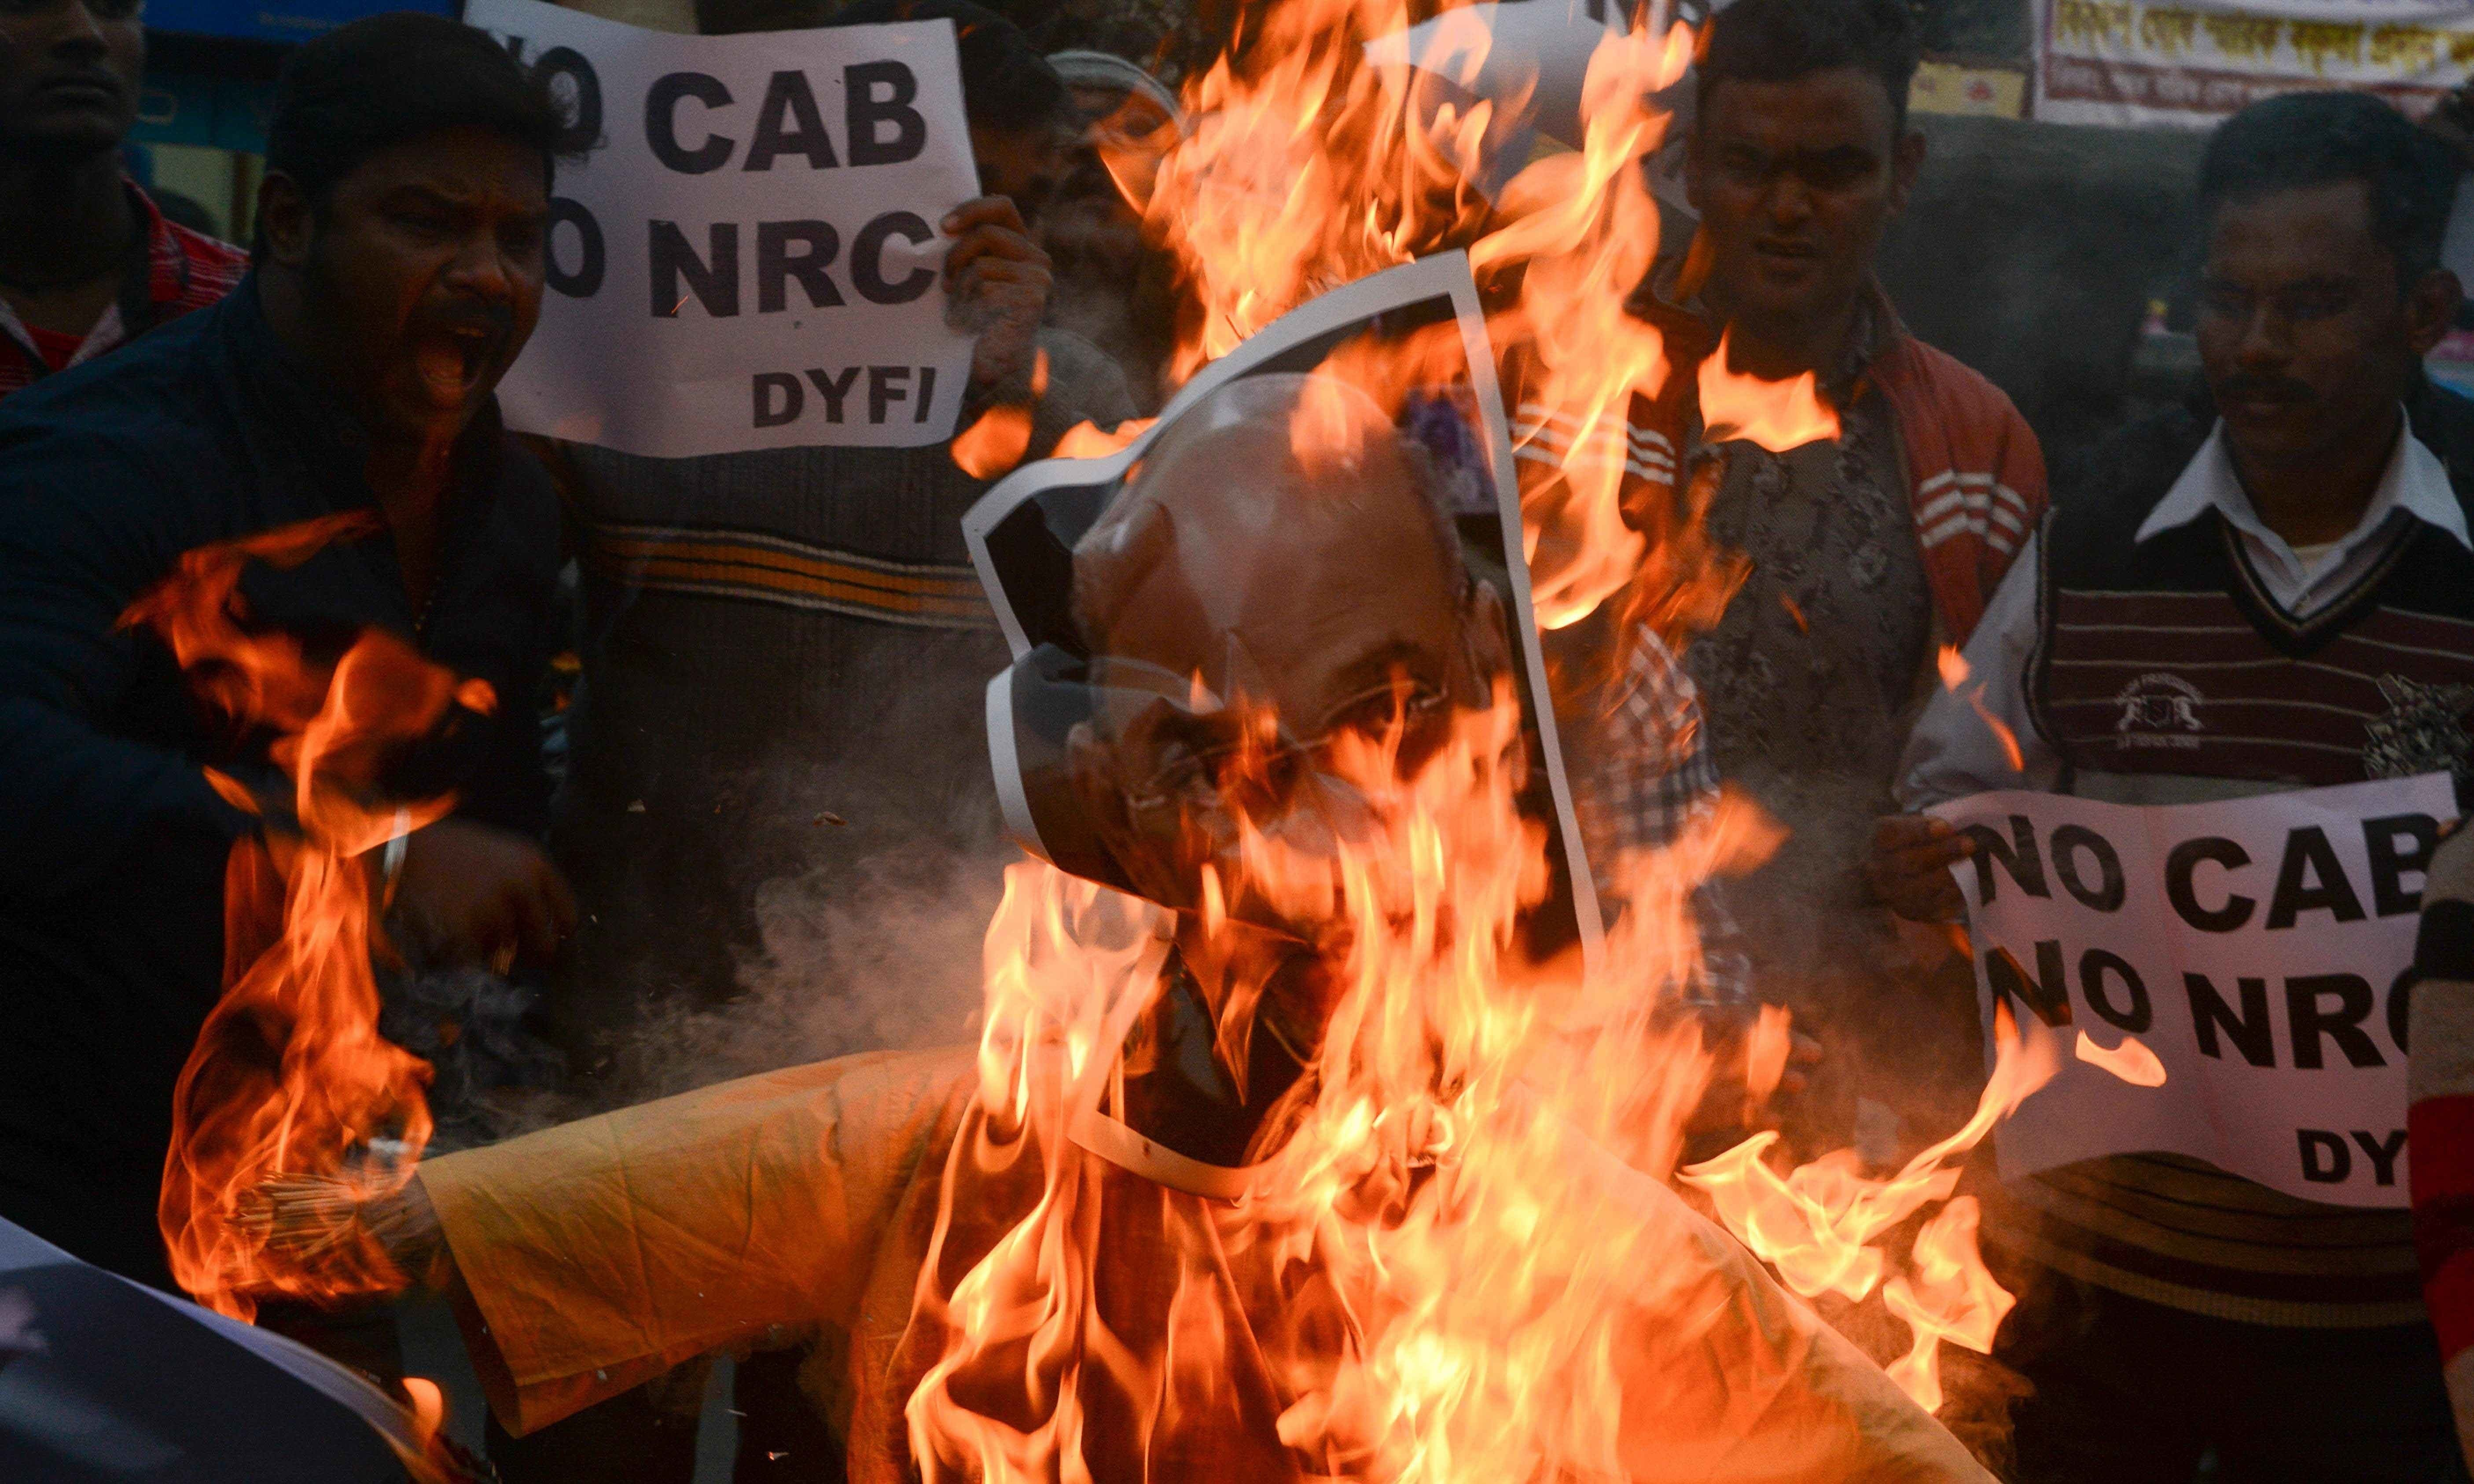 بھارت: متنازع شہریت ایکٹ پر عملدرآمد کا نوٹیفکیشن جاری